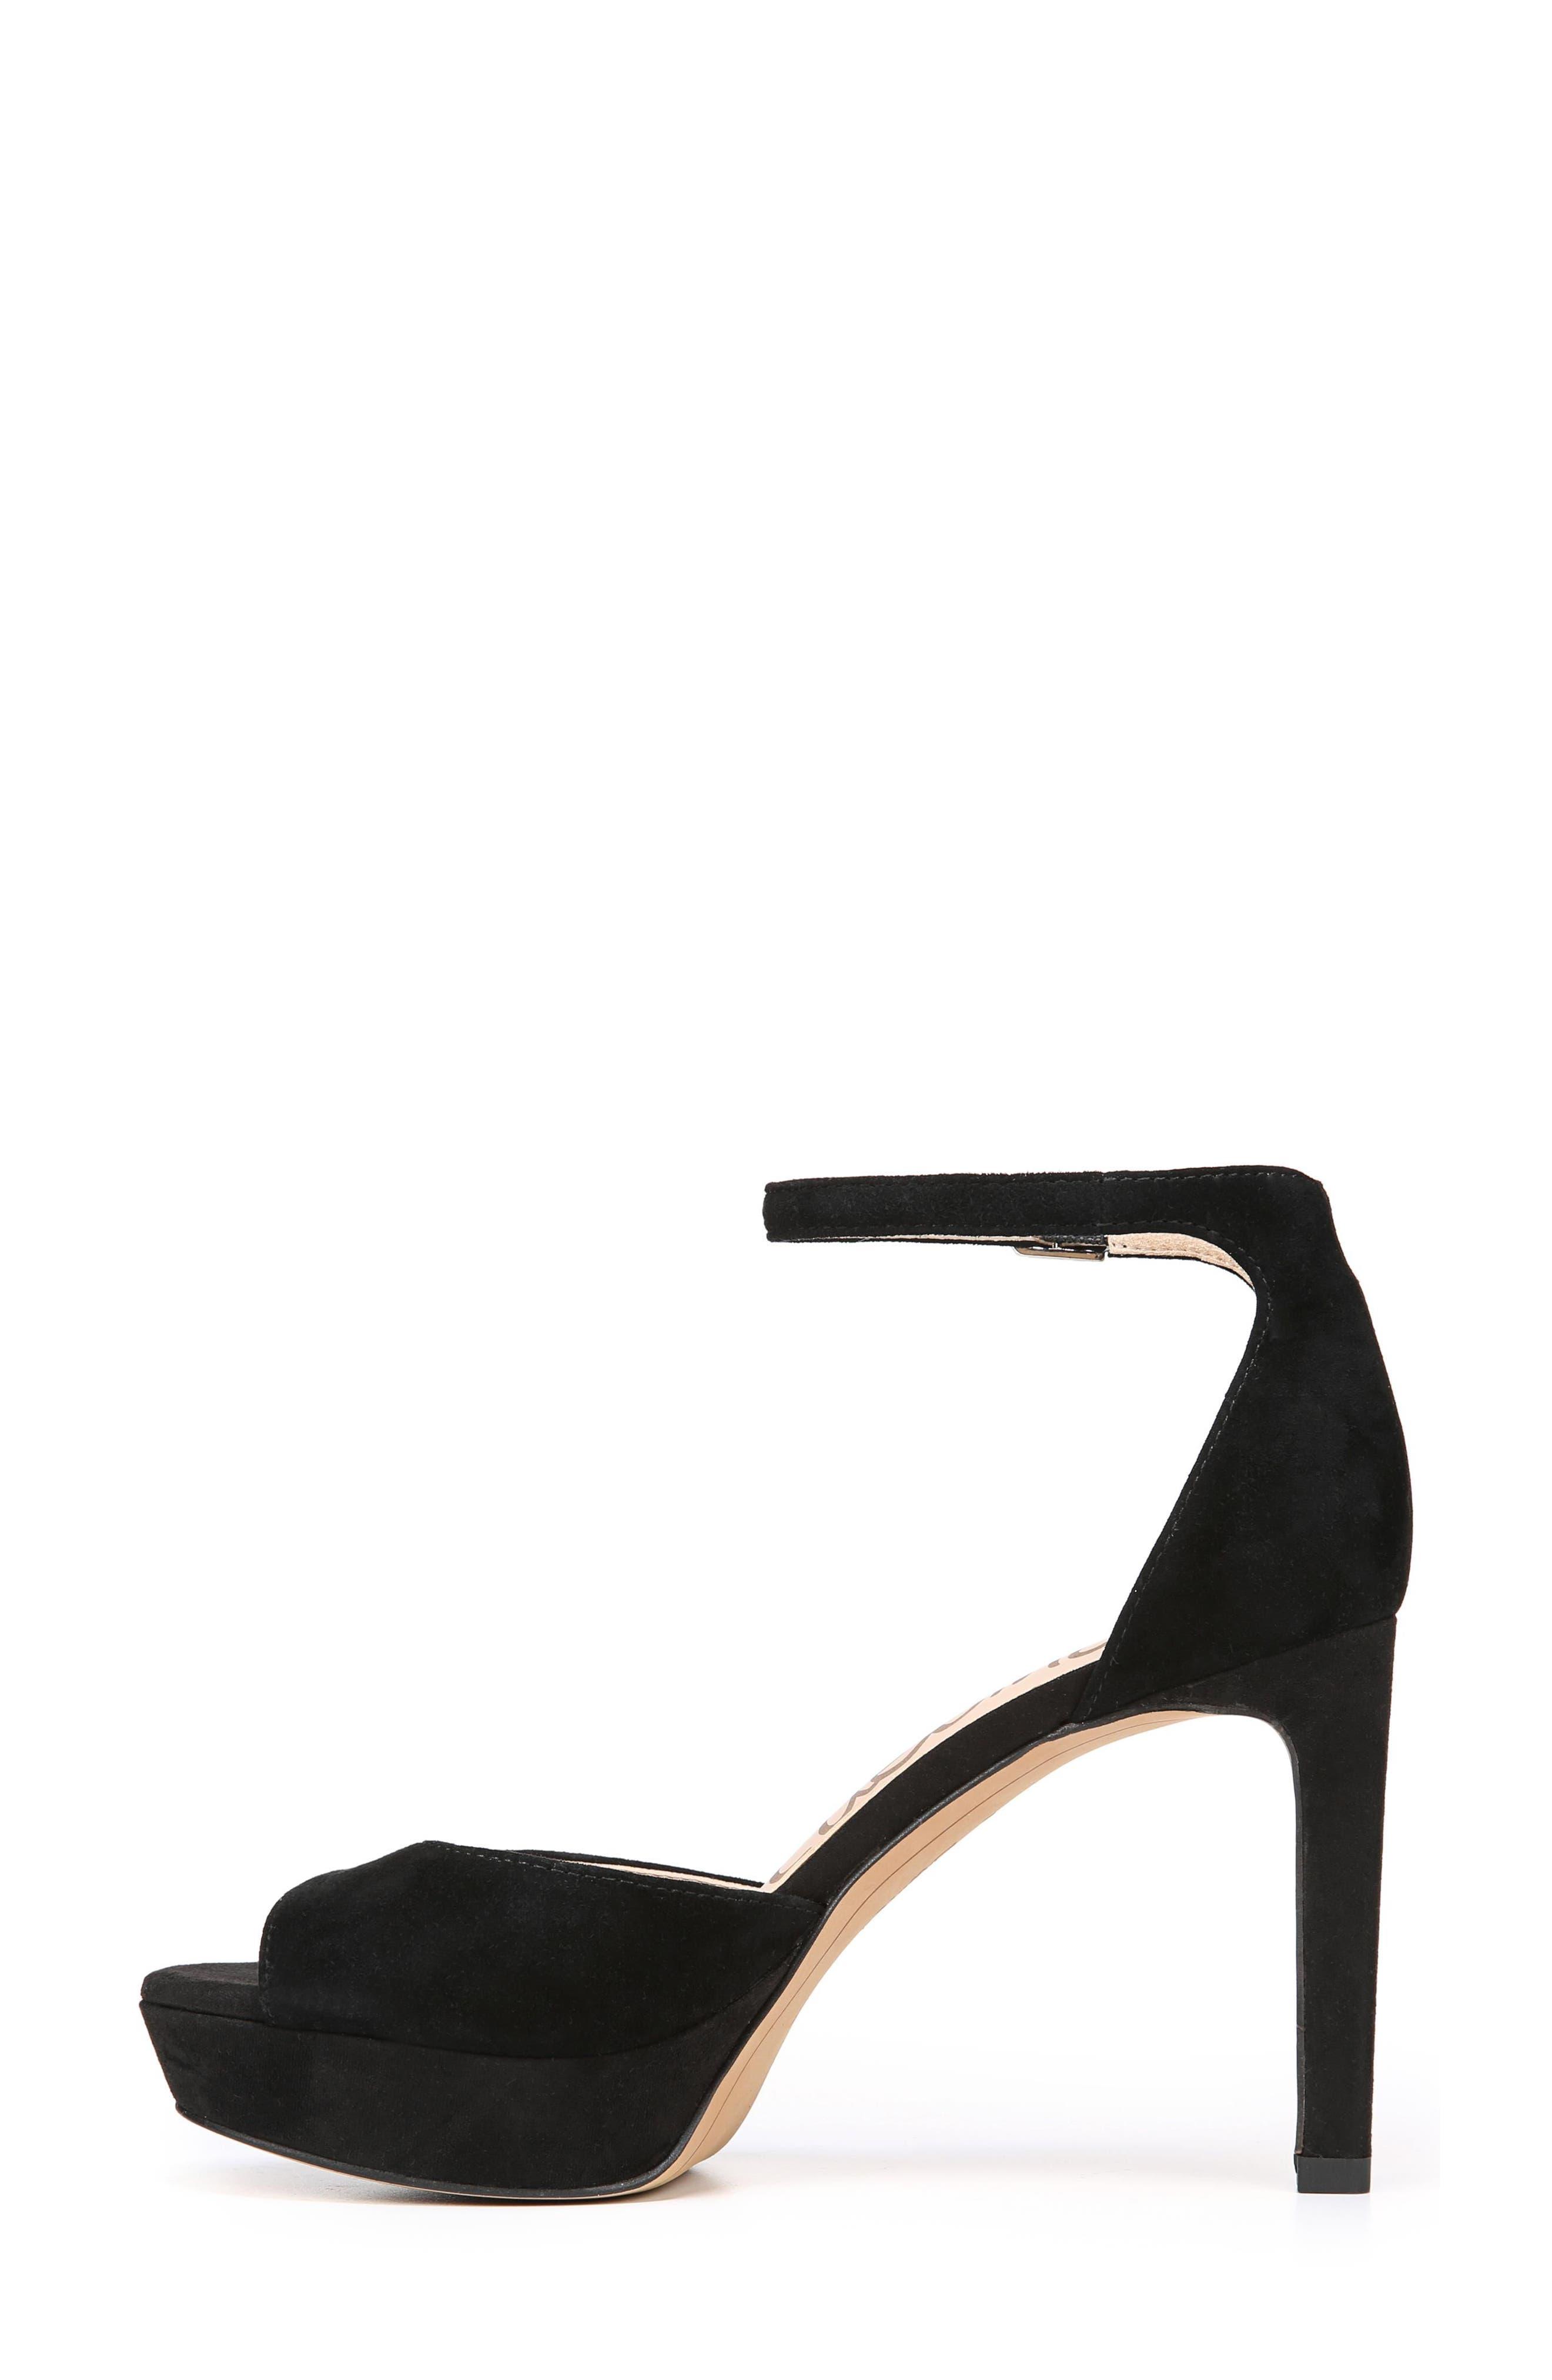 Jerin Platform Sandal,                             Alternate thumbnail 3, color,                             Black Suede